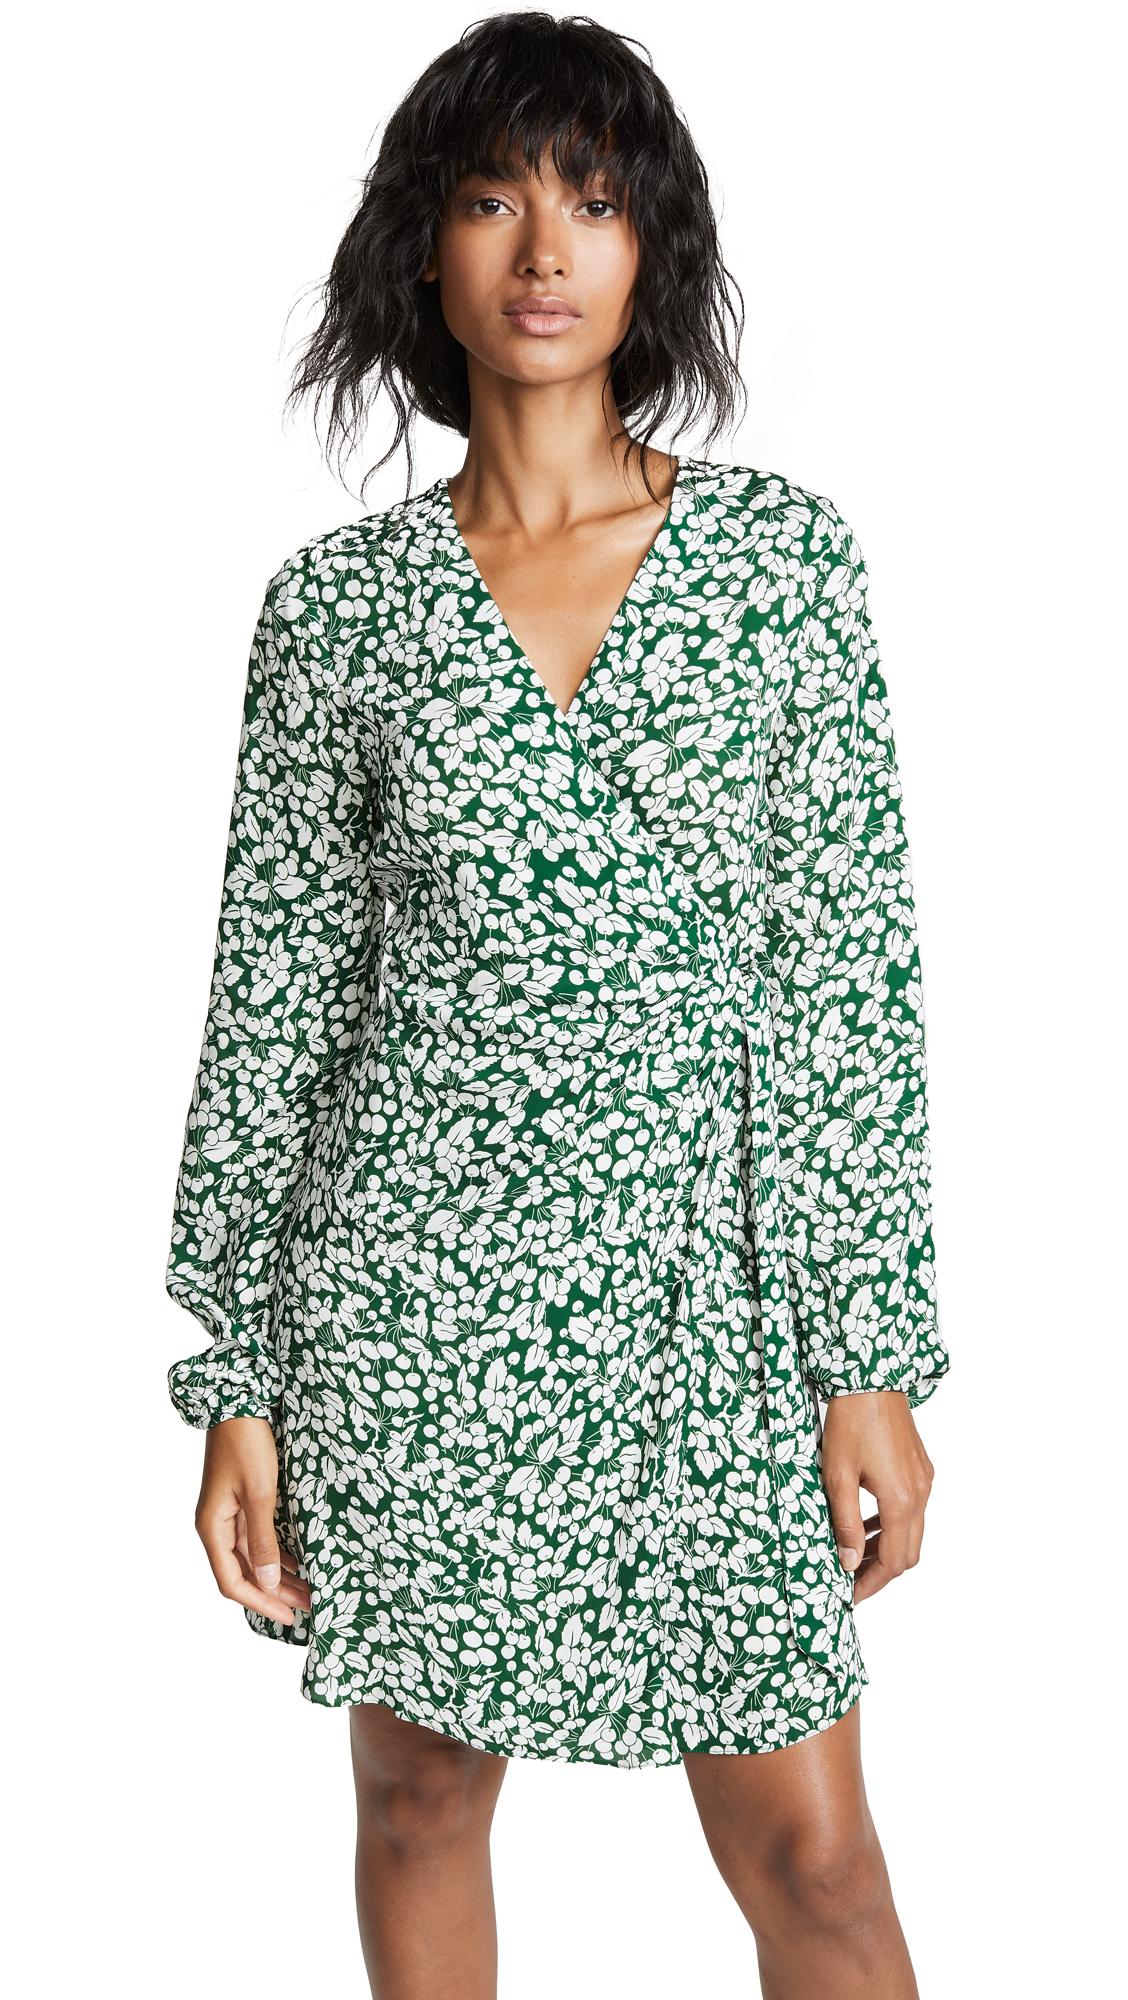 Diane von Furstenberg Wrap Dress In Cherry Garden Pine